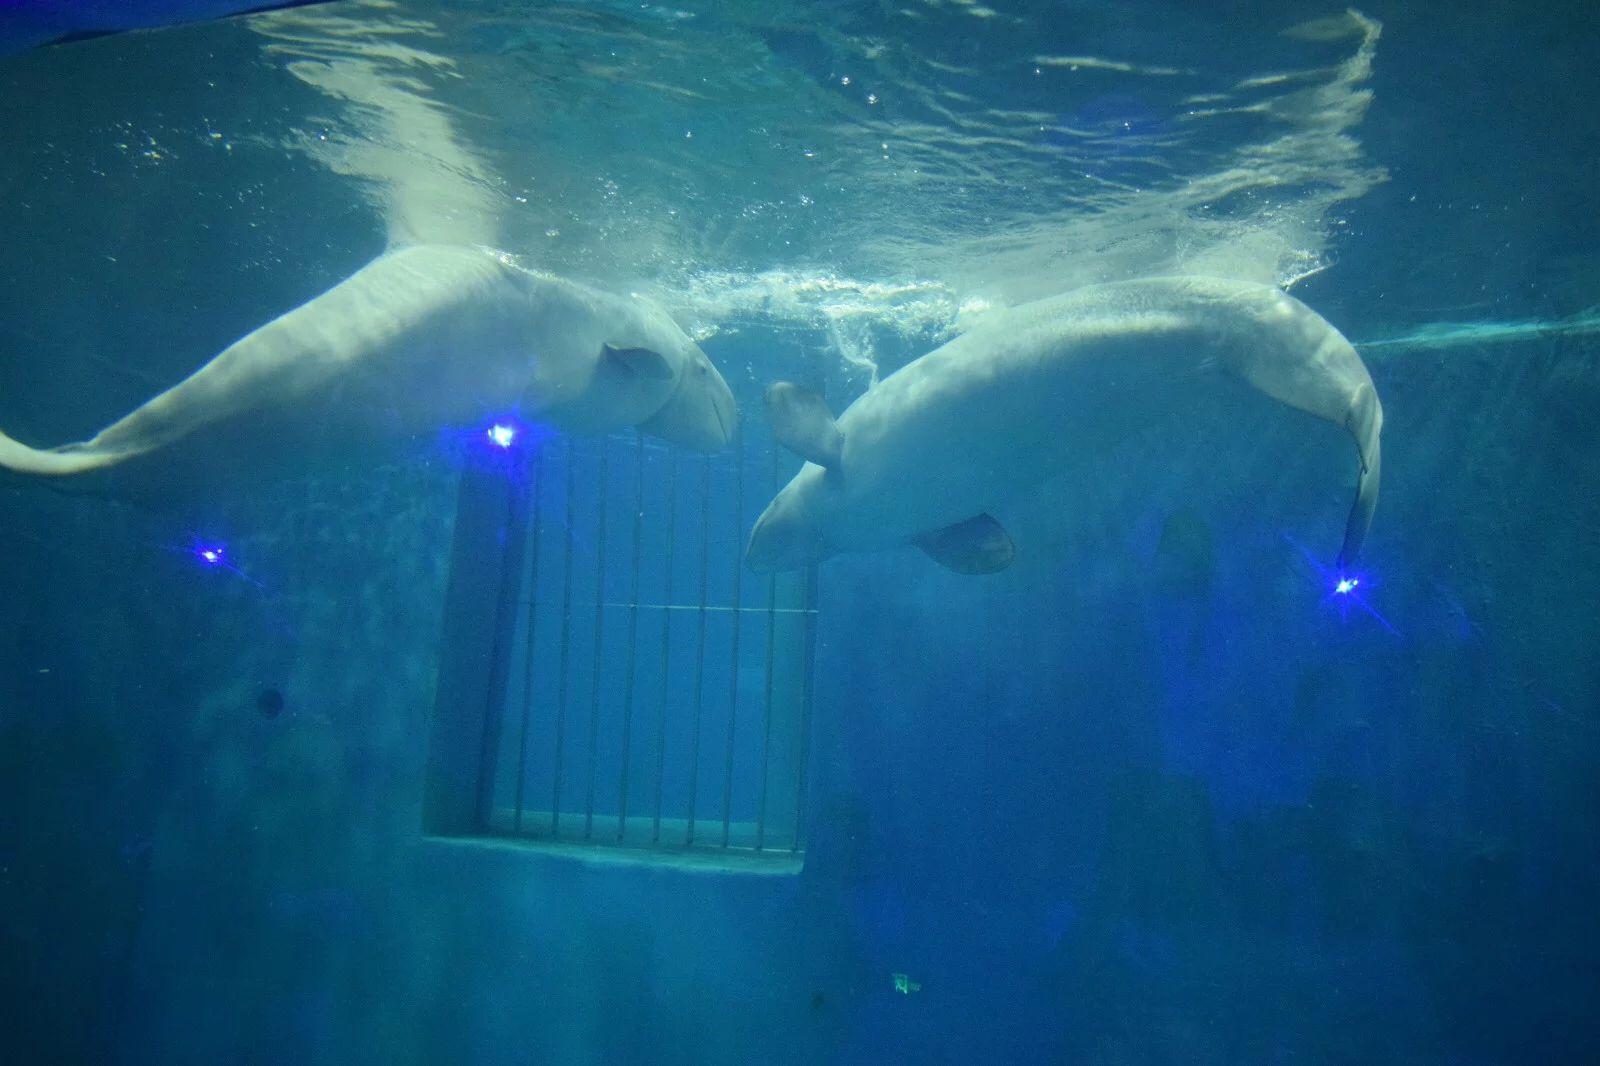 壁纸 海底 海底世界 海洋馆 水族馆 1600_1066